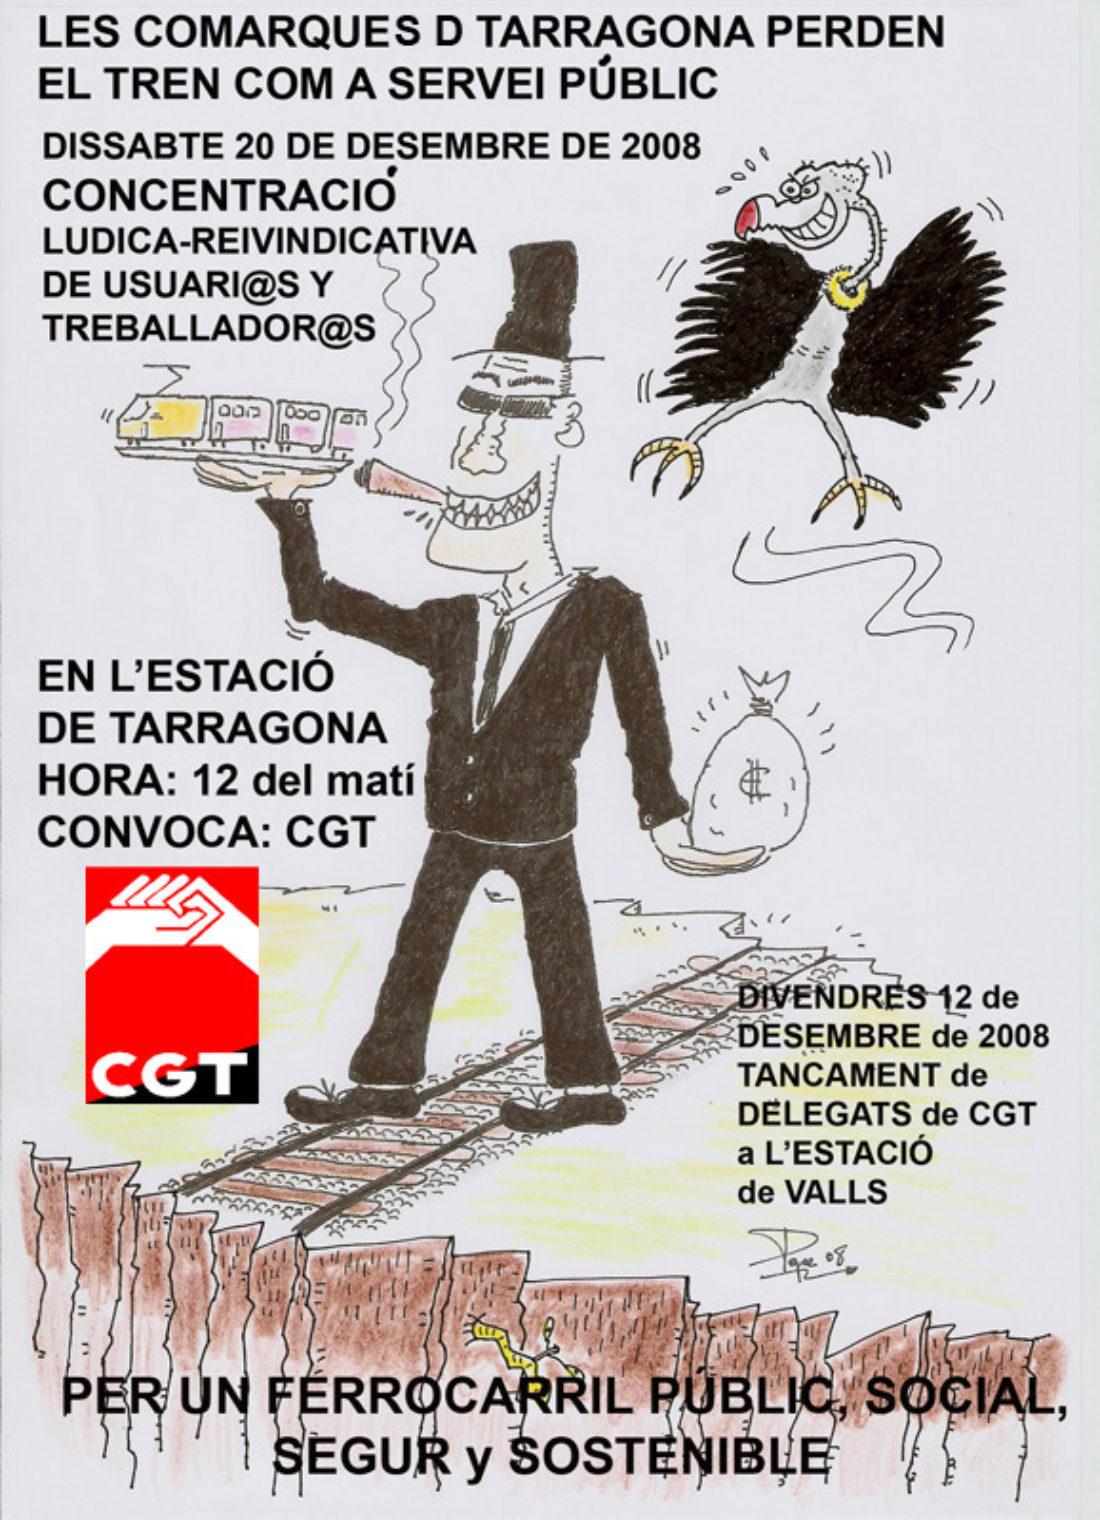 20 de desembre: tancament CGT estacio Valls